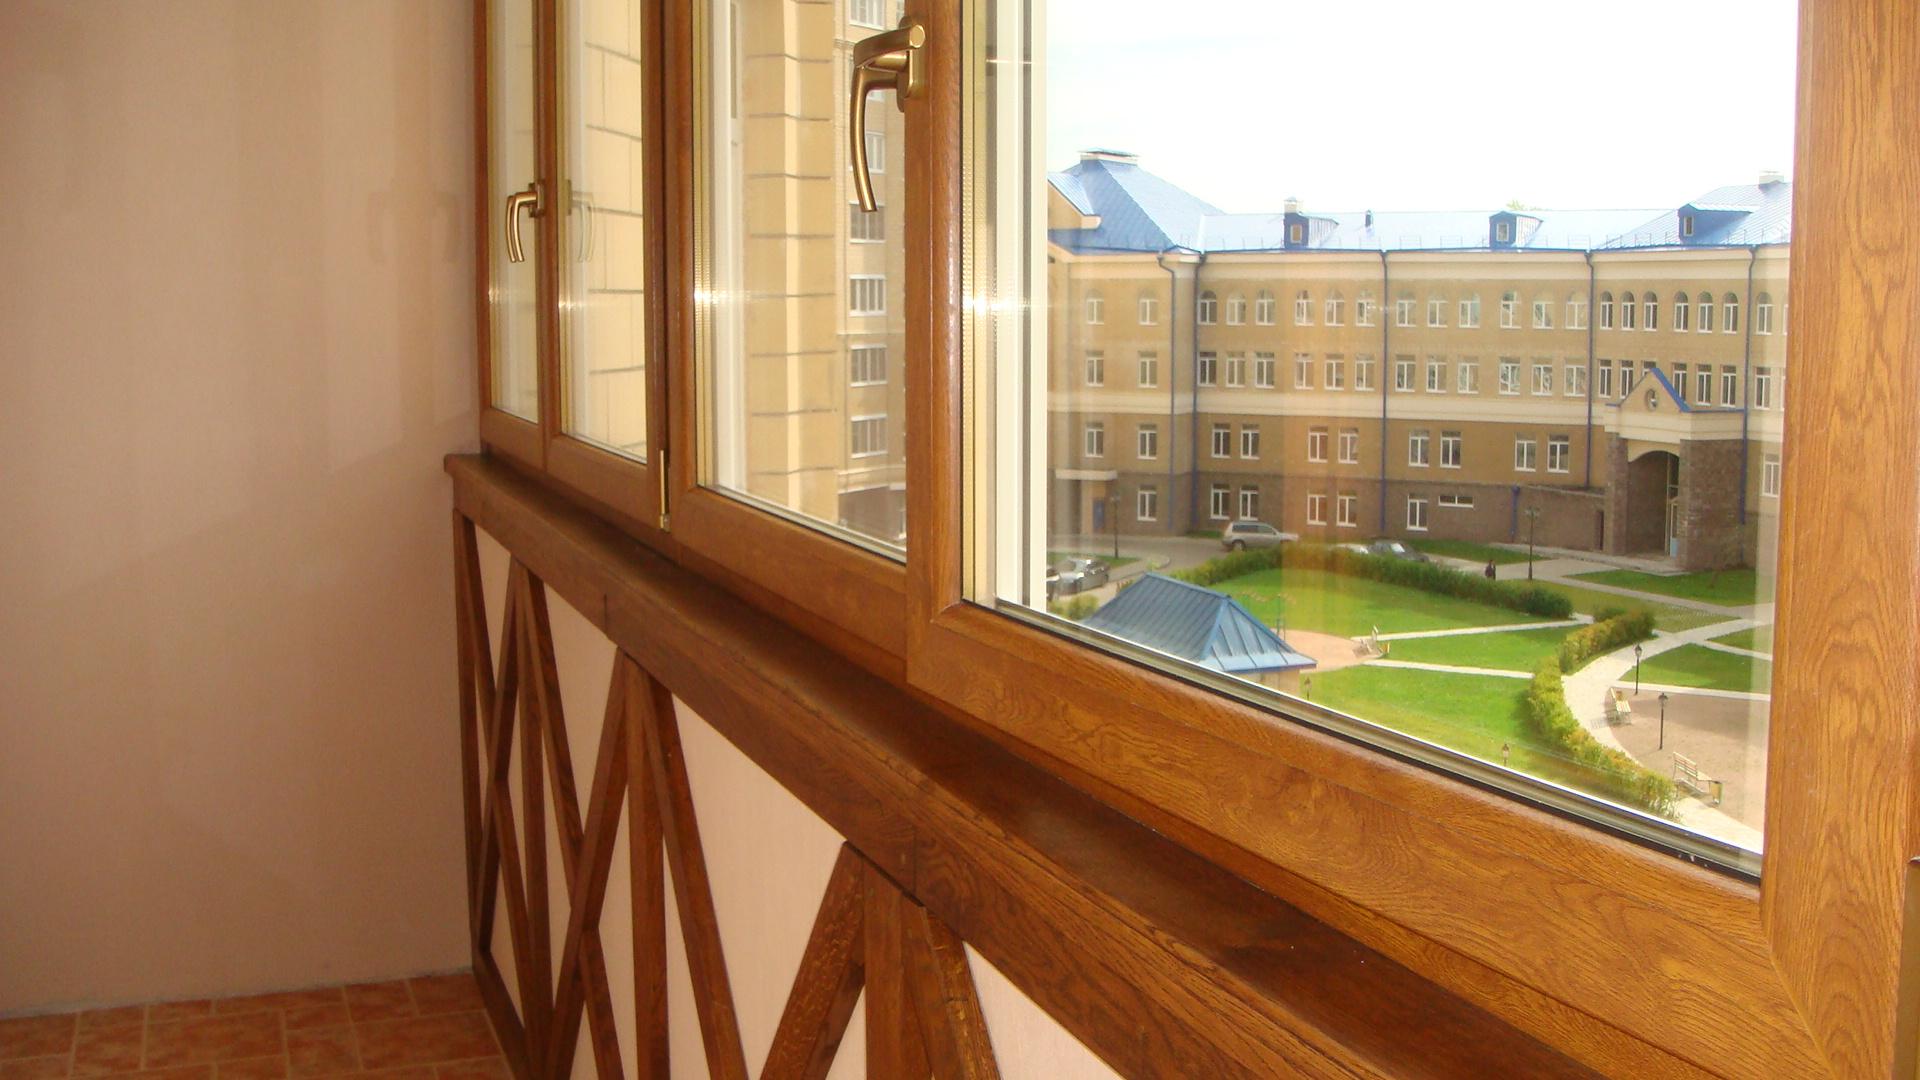 Балкон, Частная квартира :: балкон, лоджия :: стройтал.ru - .